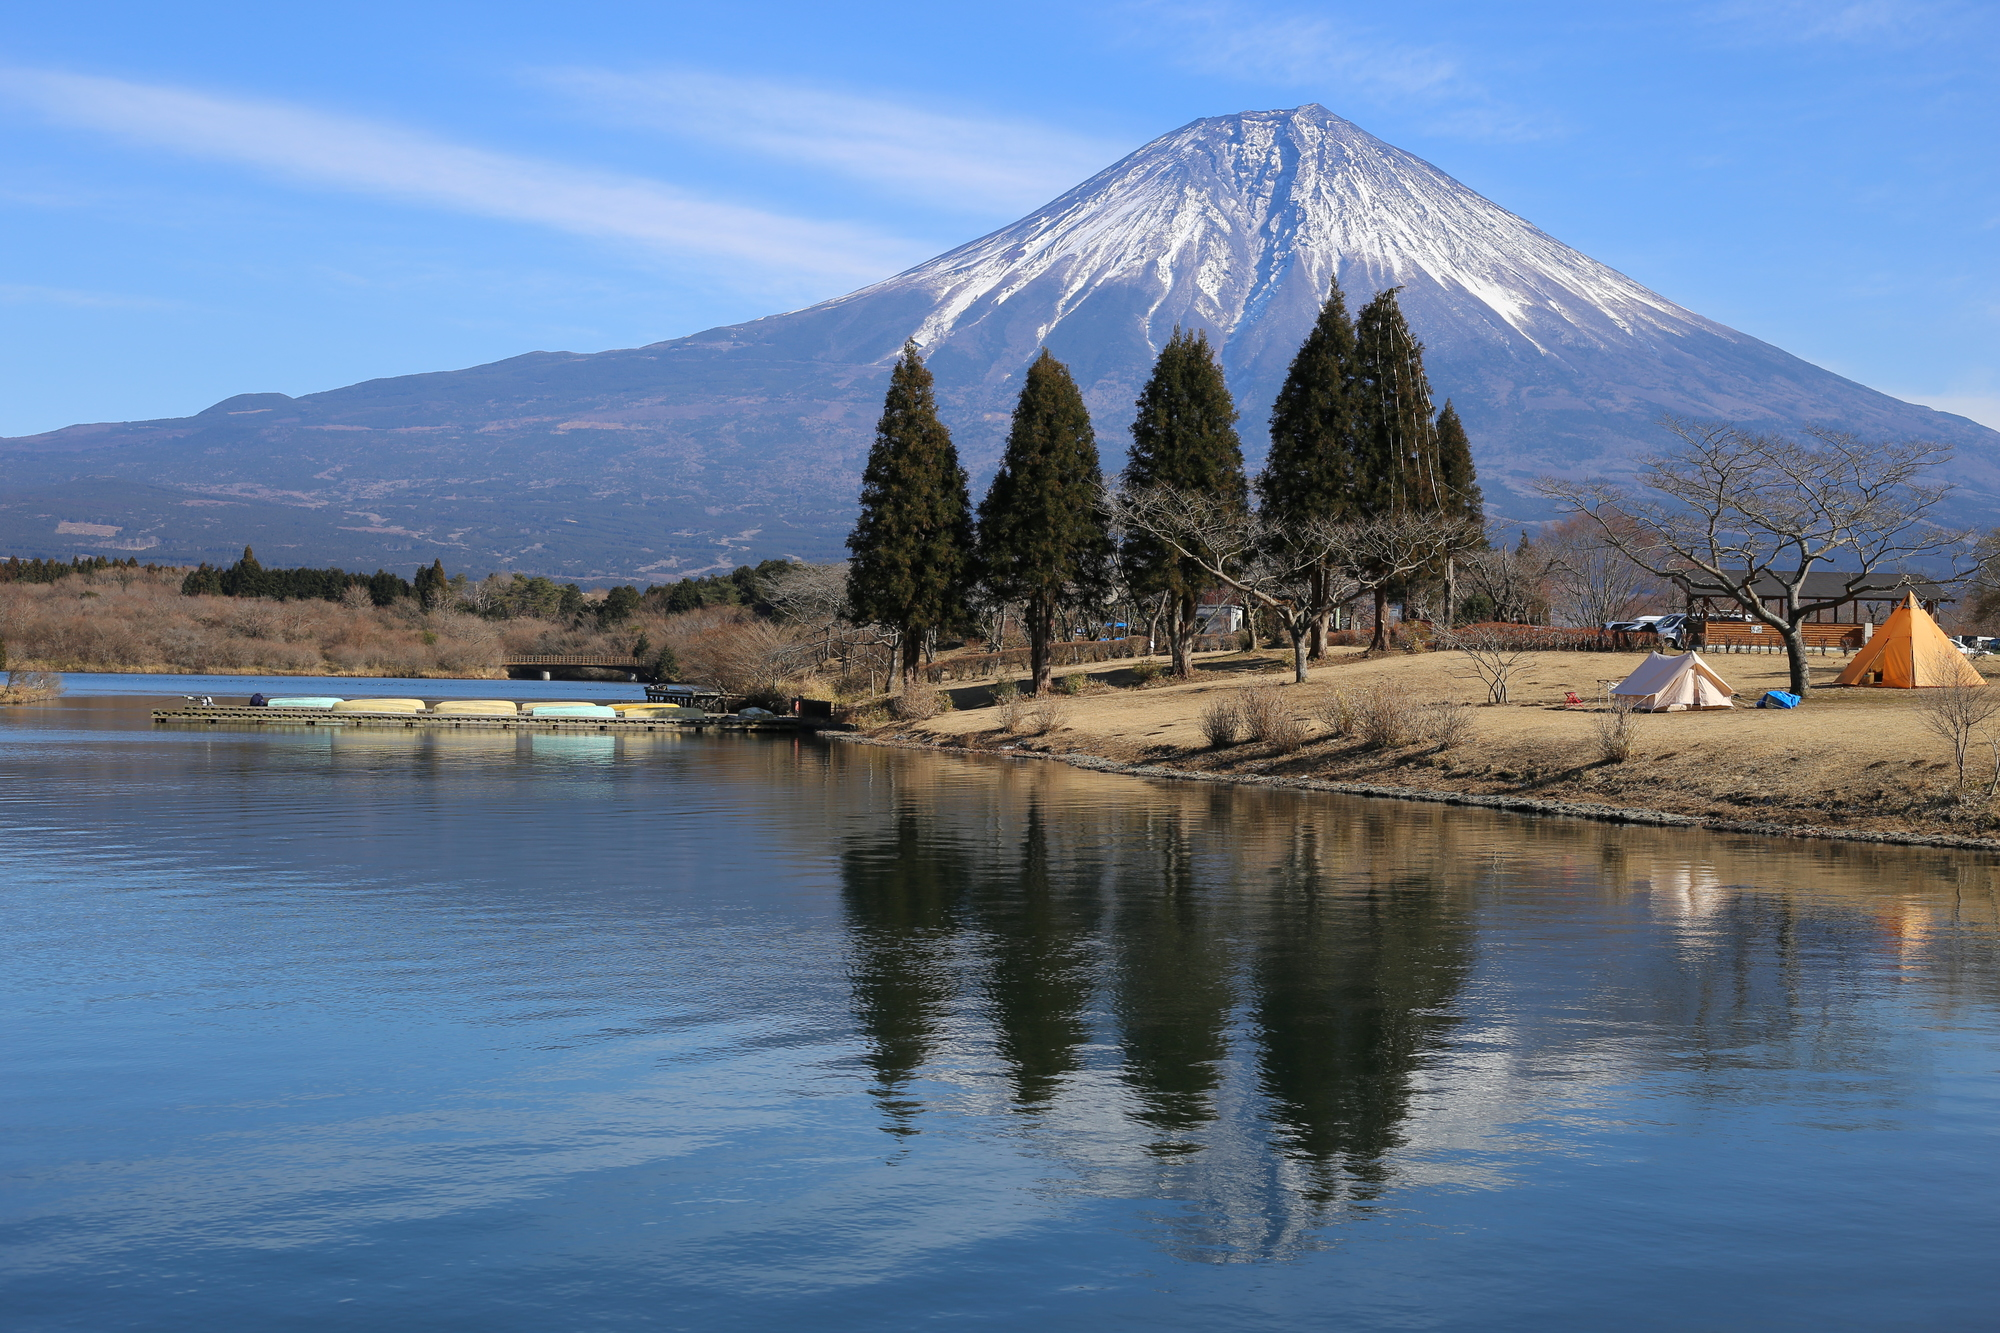 ツーリングキャンプ 富士山周辺キャンプ場